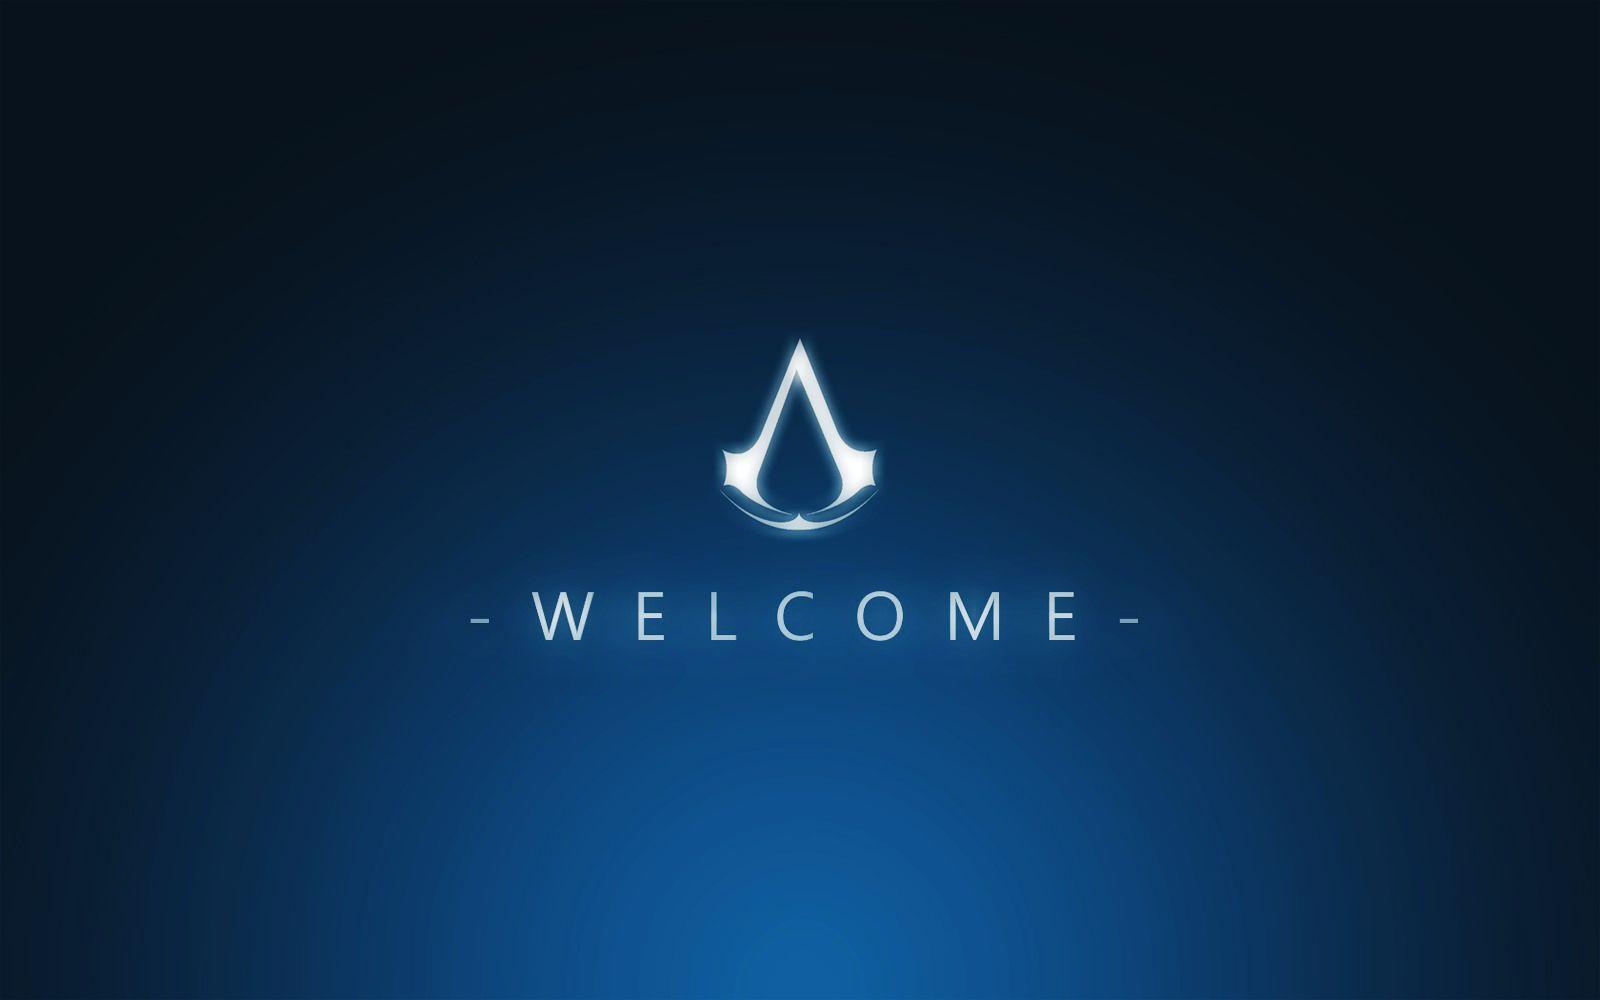 Welcome Assassin Games Logo Wallpaper Best